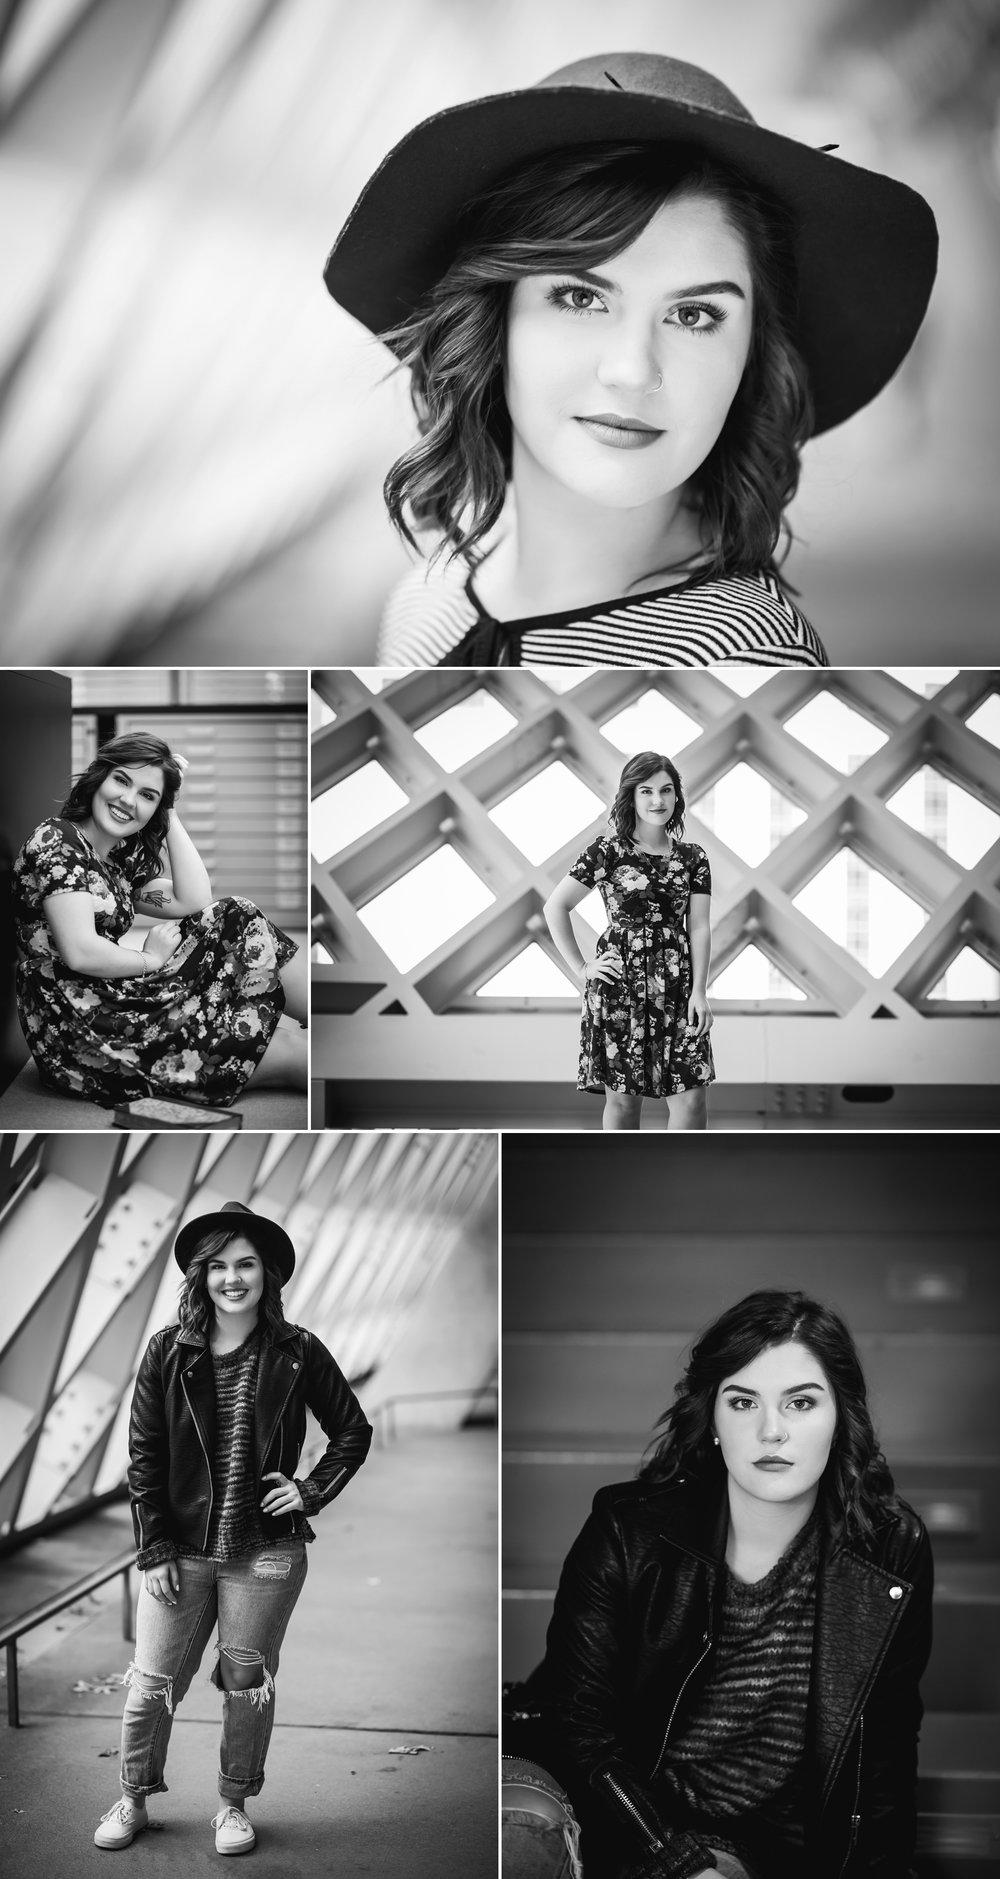 Mary Vance Photography Senior Girl Sammamish Washington Seattle Public Library